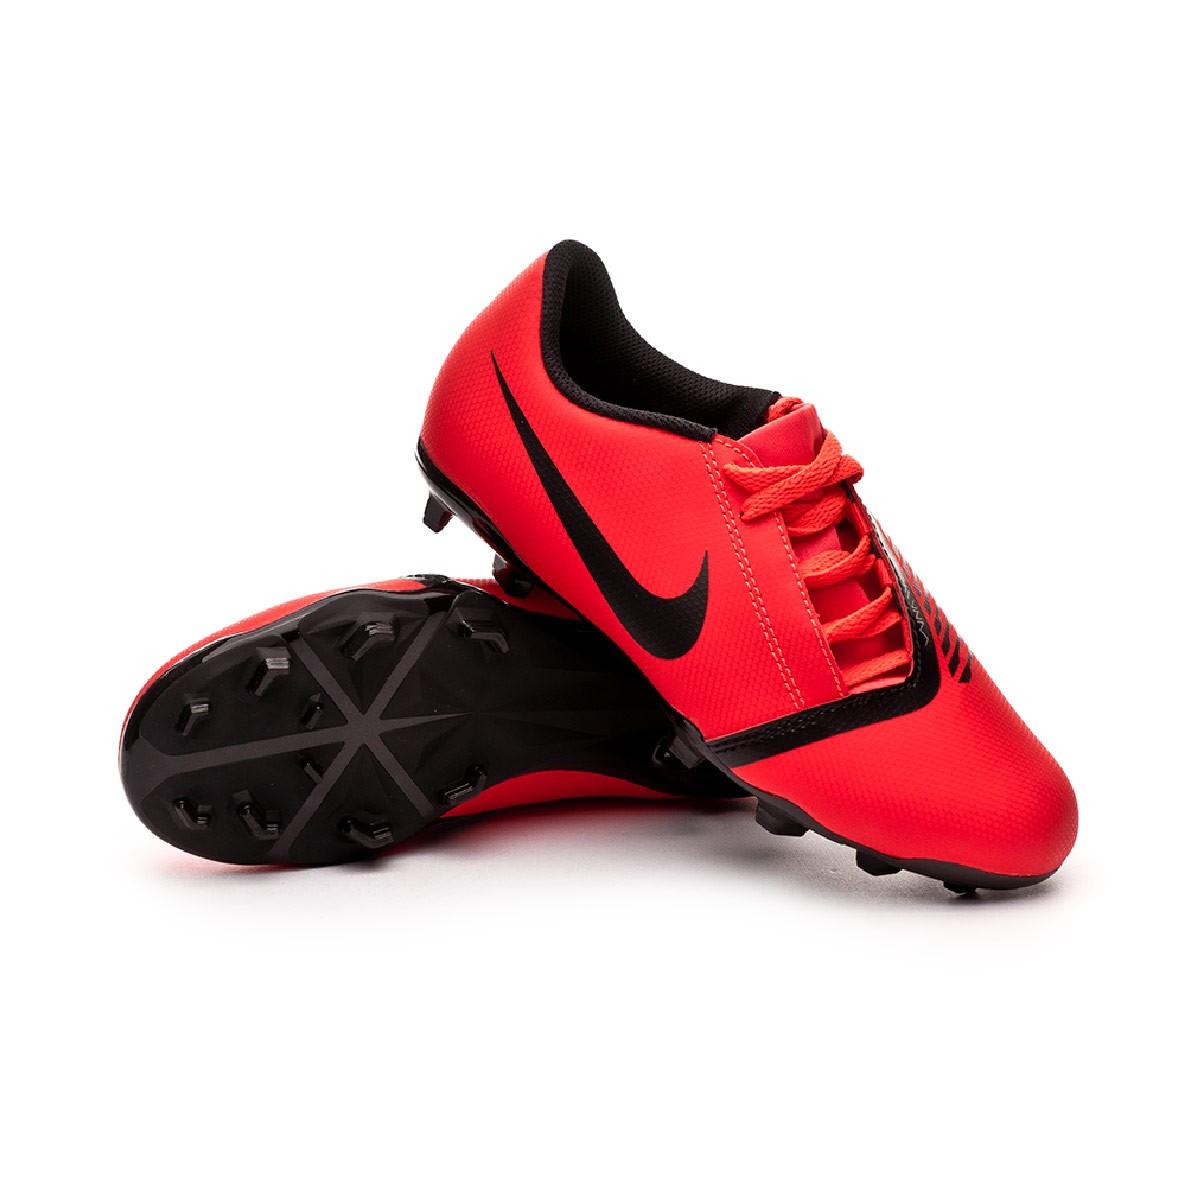 Chaussure de foot Nike Phantom Venom Club FG enfant